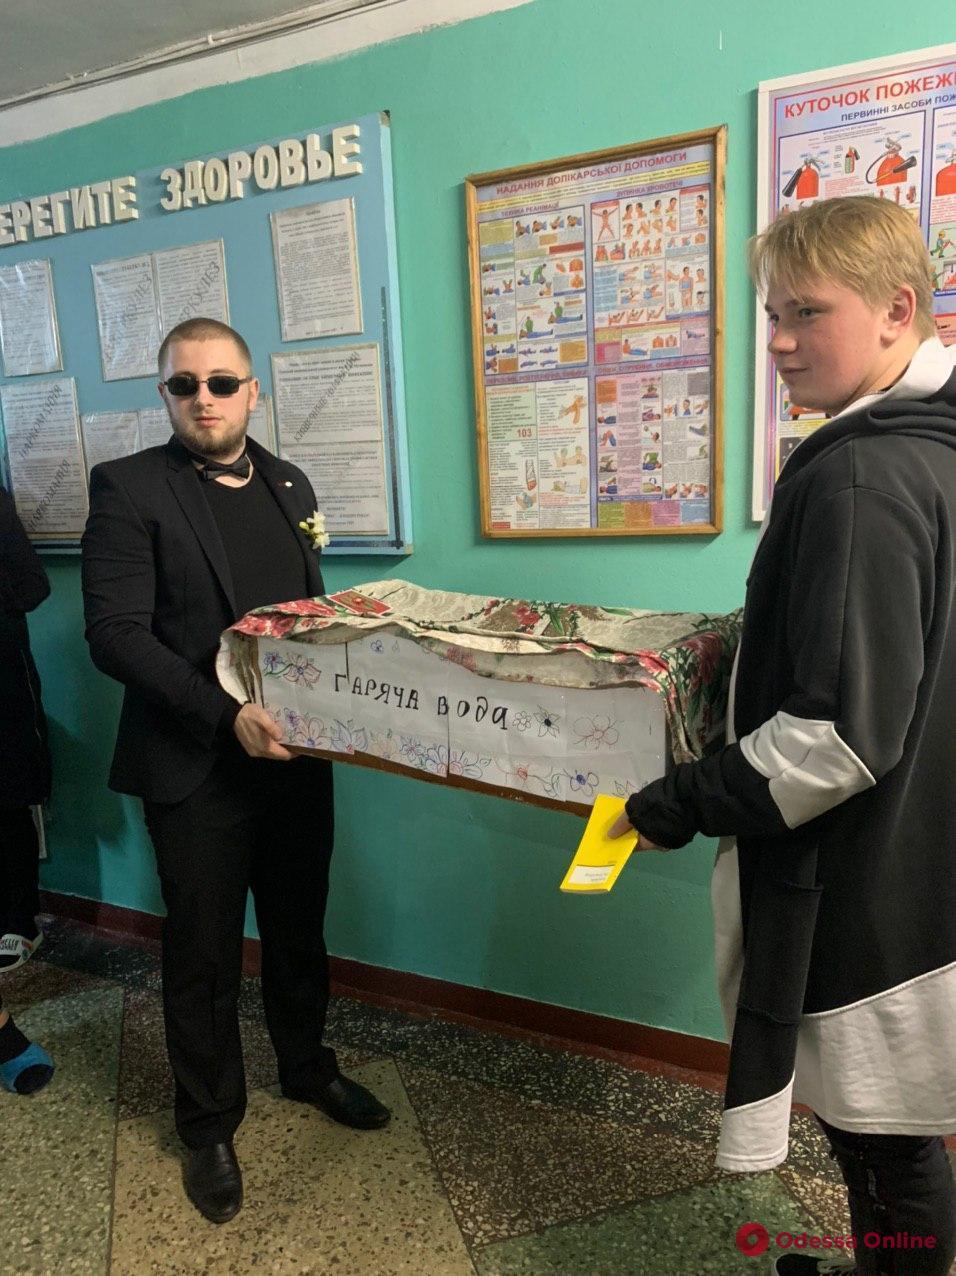 Одесские студенты «хоронили» горячую воду (фото, видео)